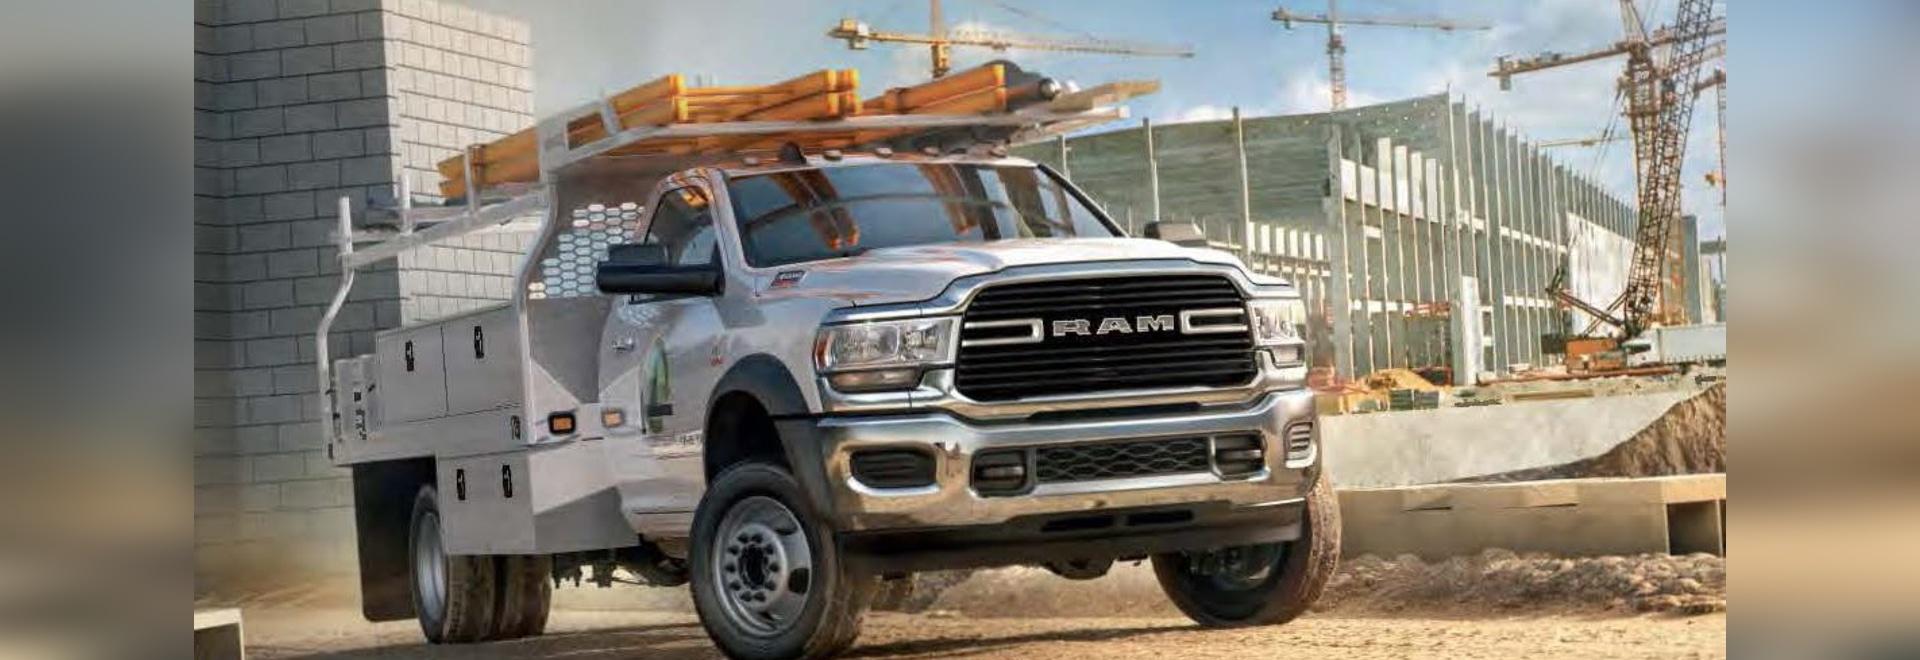 El Ram revela 2019 camionetas pick-up del chasis con el nuevo modelo limitado